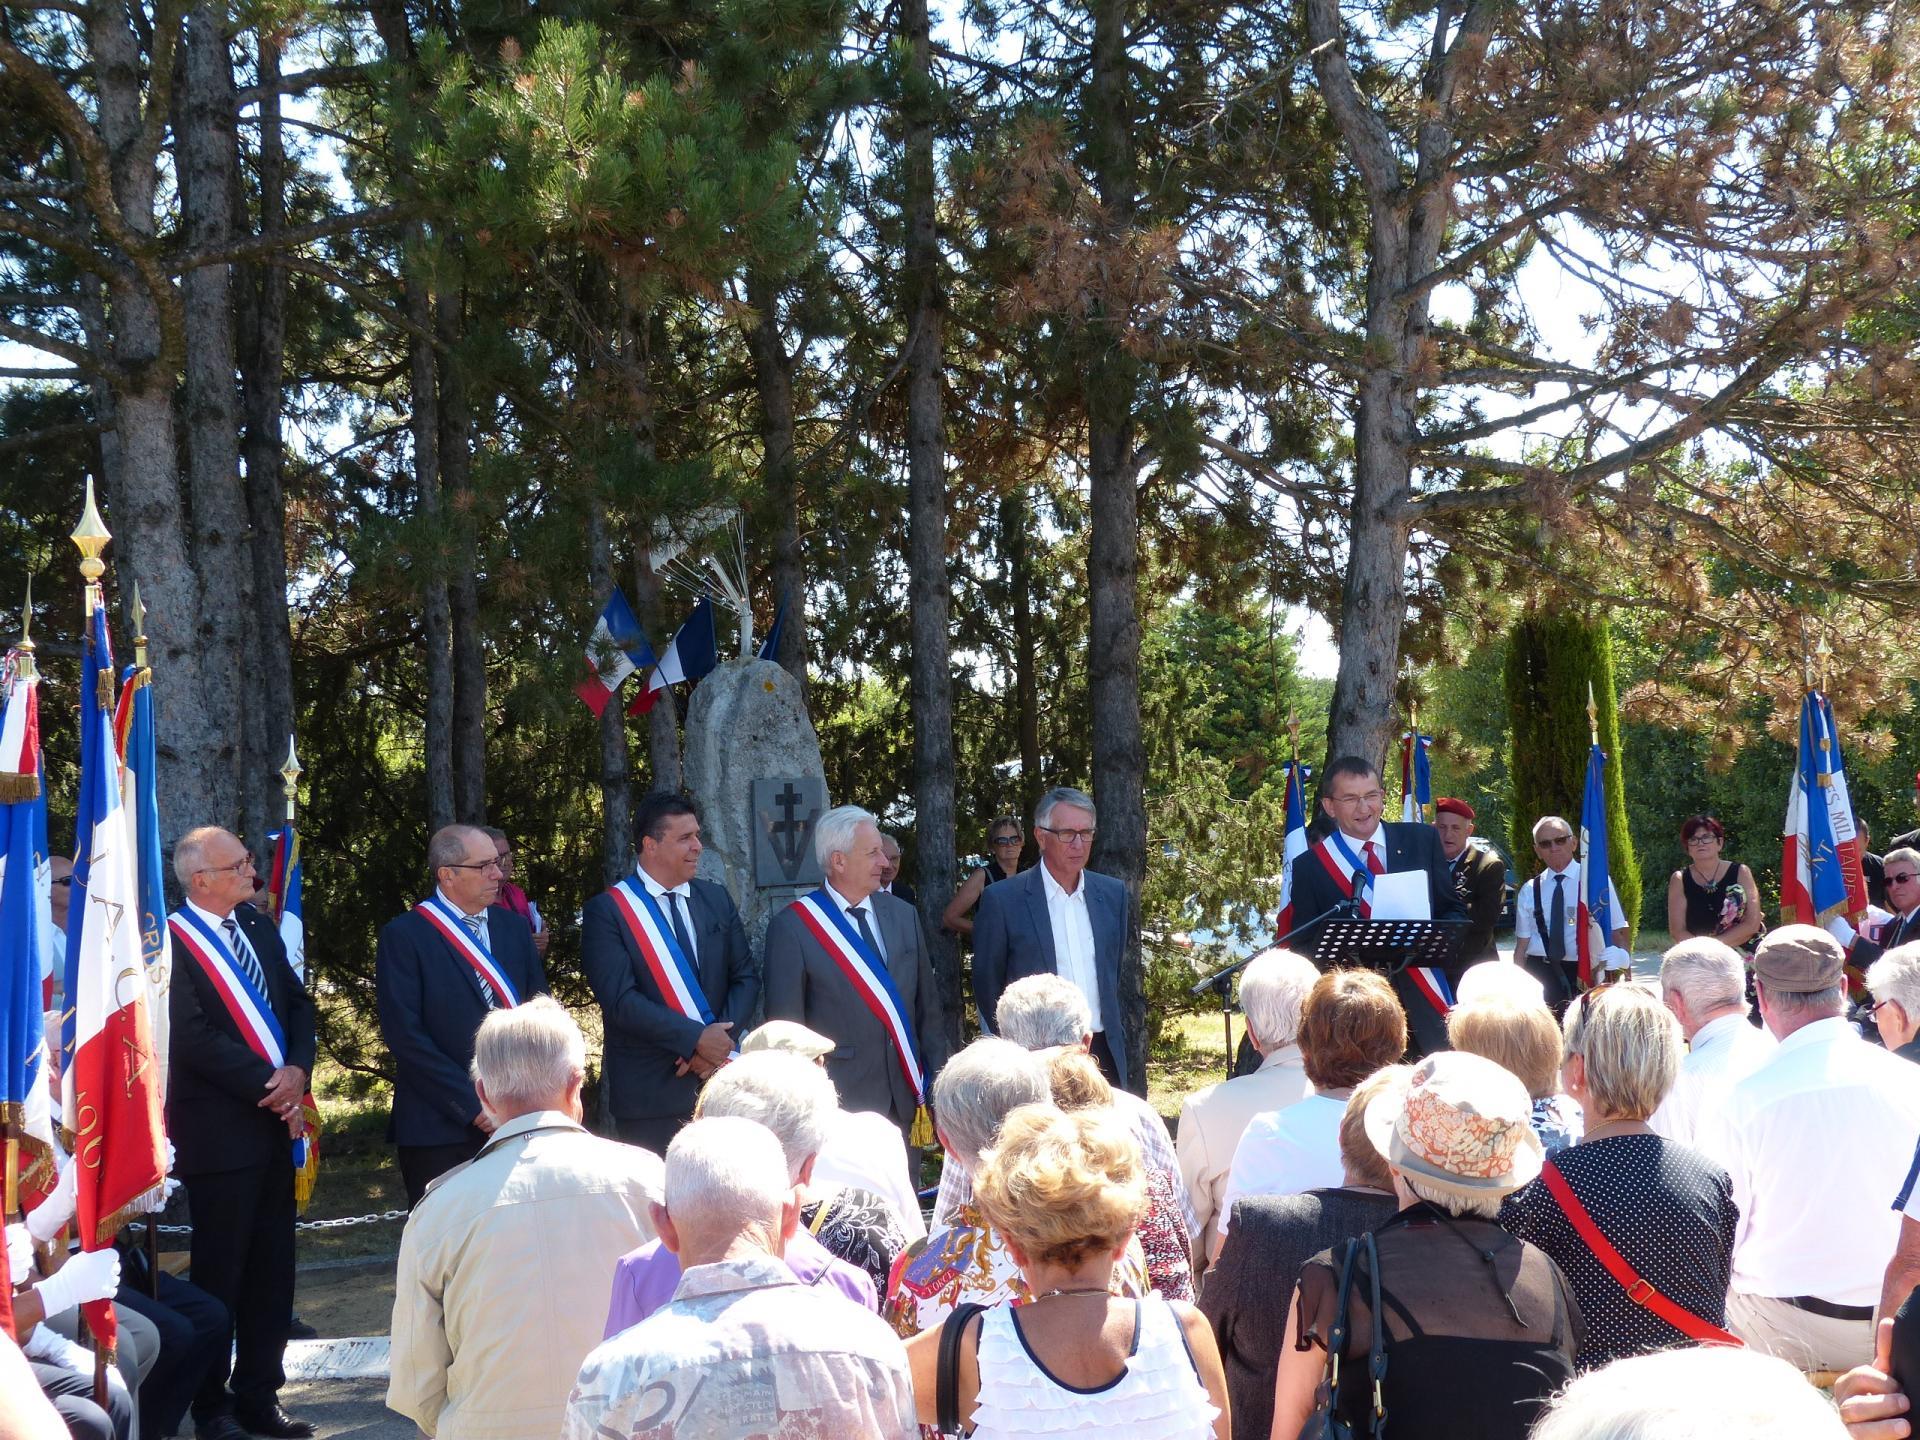 Guerres 1939 1944 commemoration du sabotage du pont de livron 13